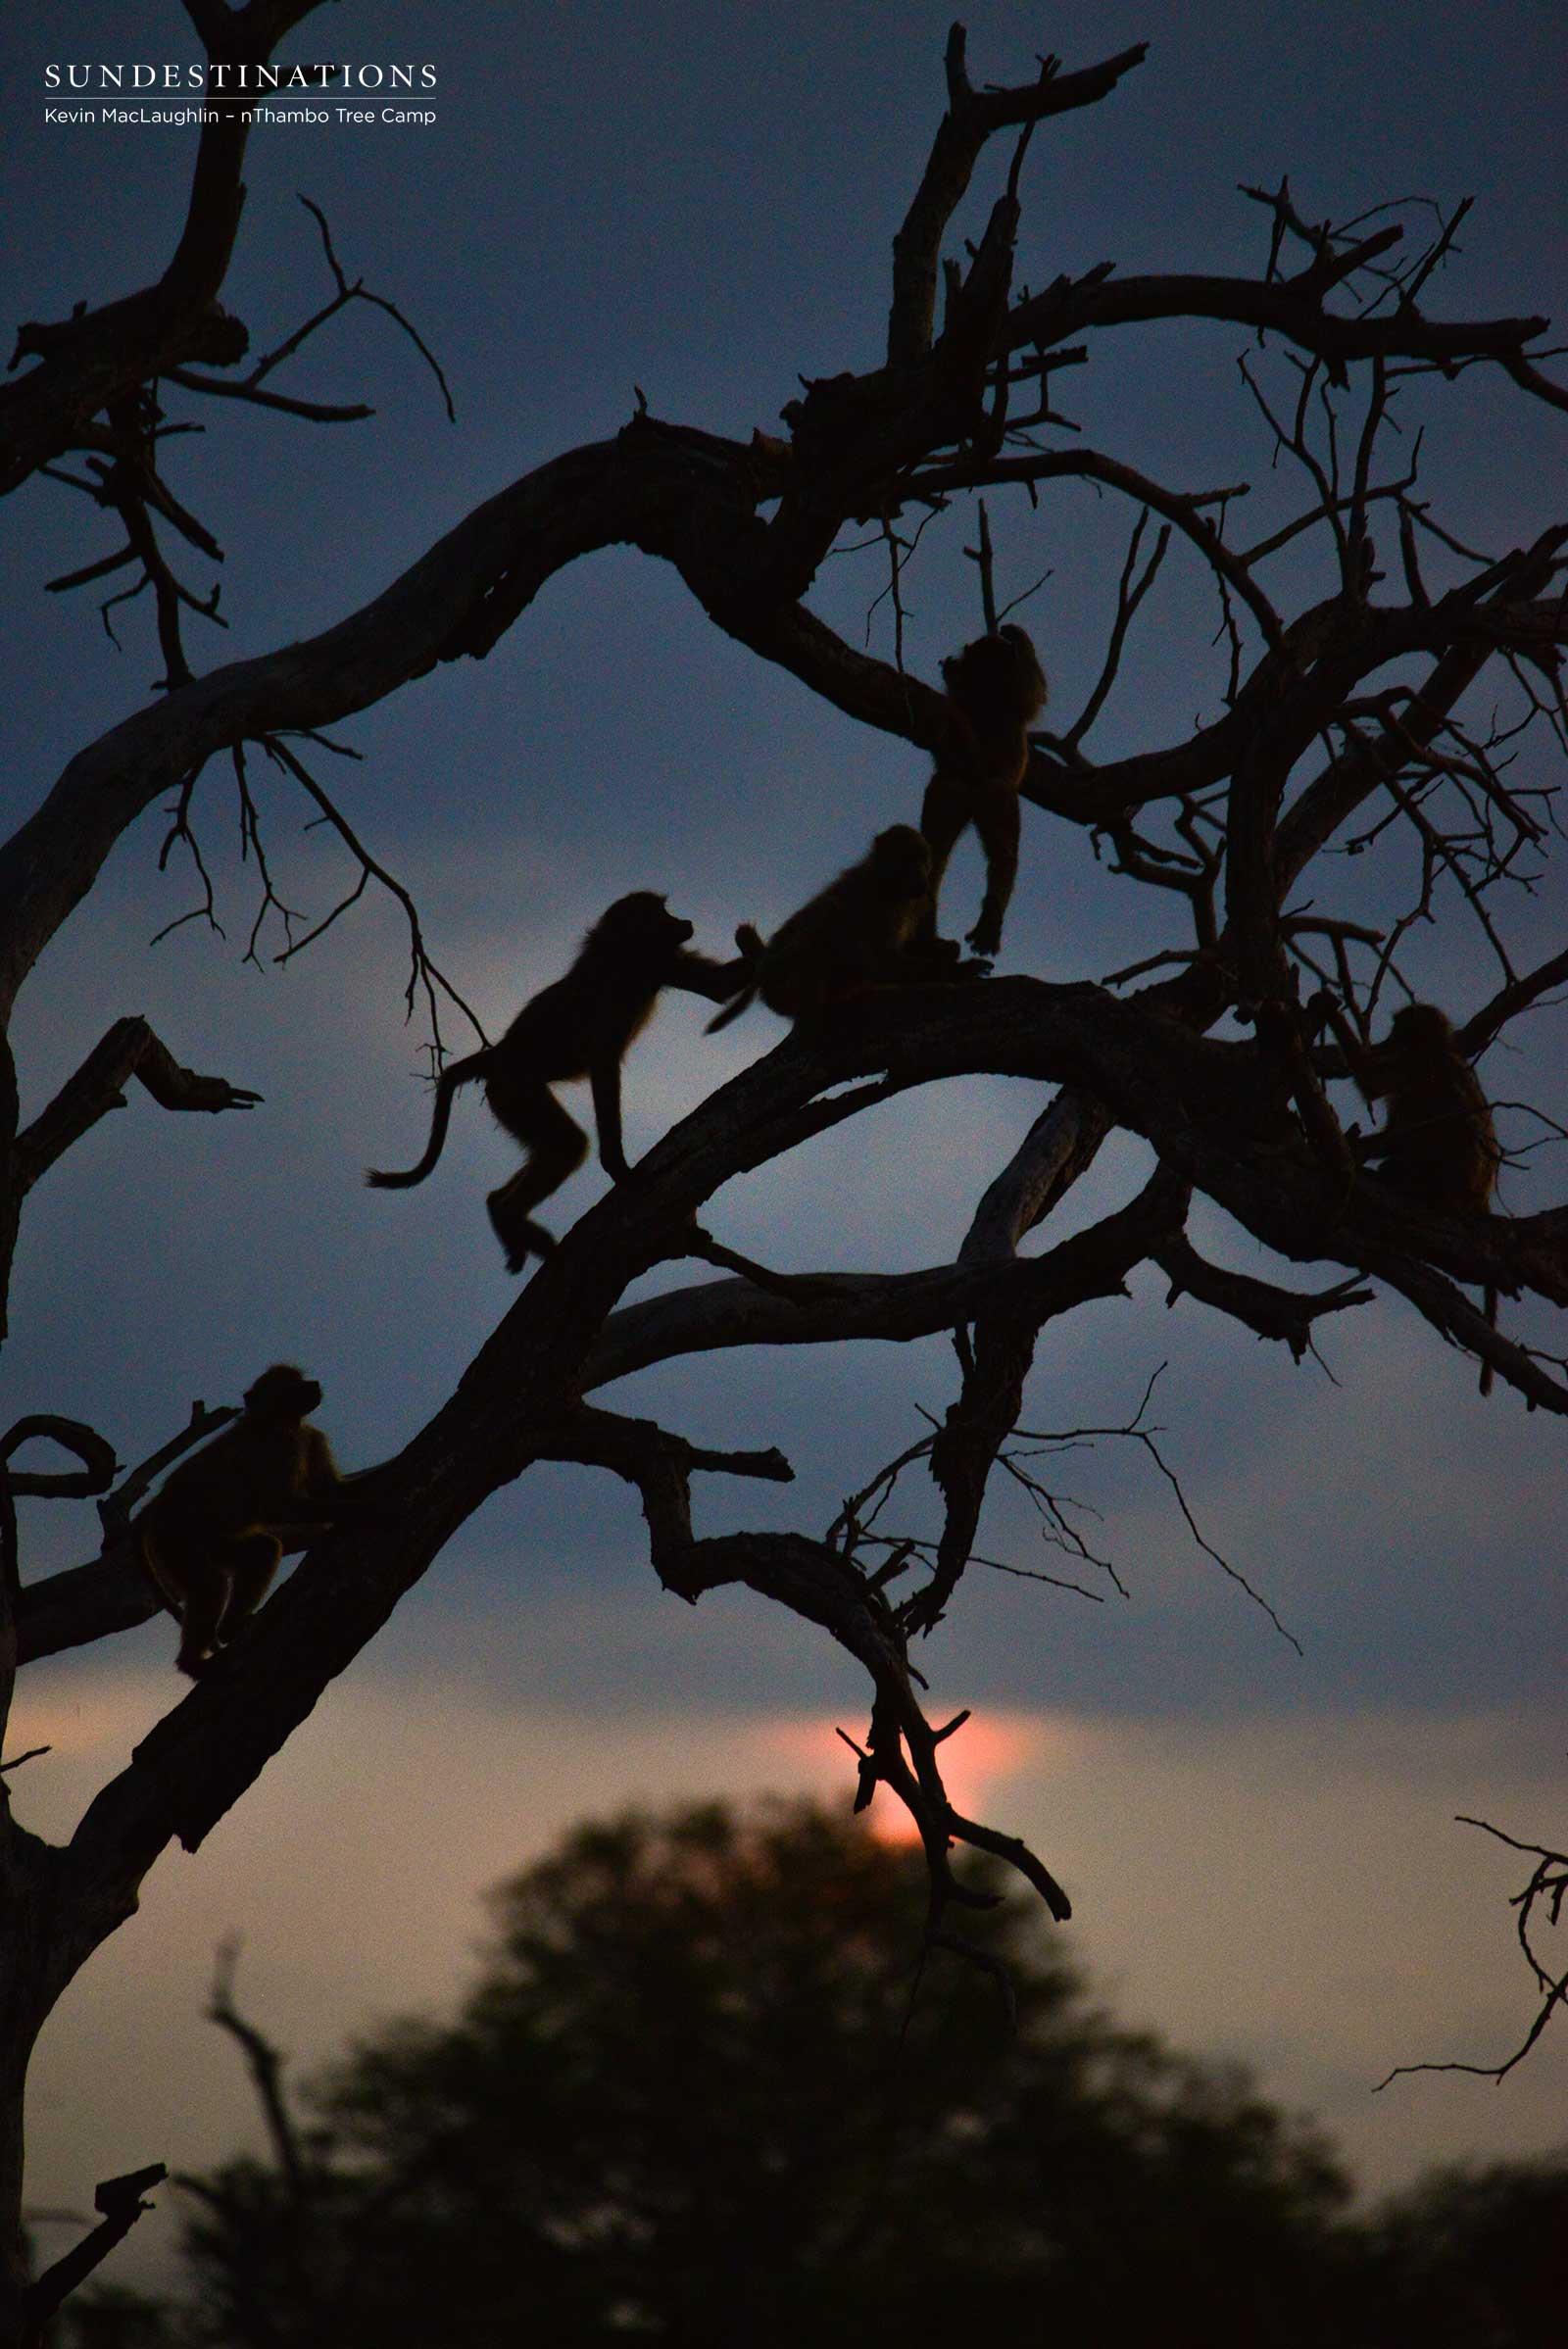 nThambo Baboons at Night